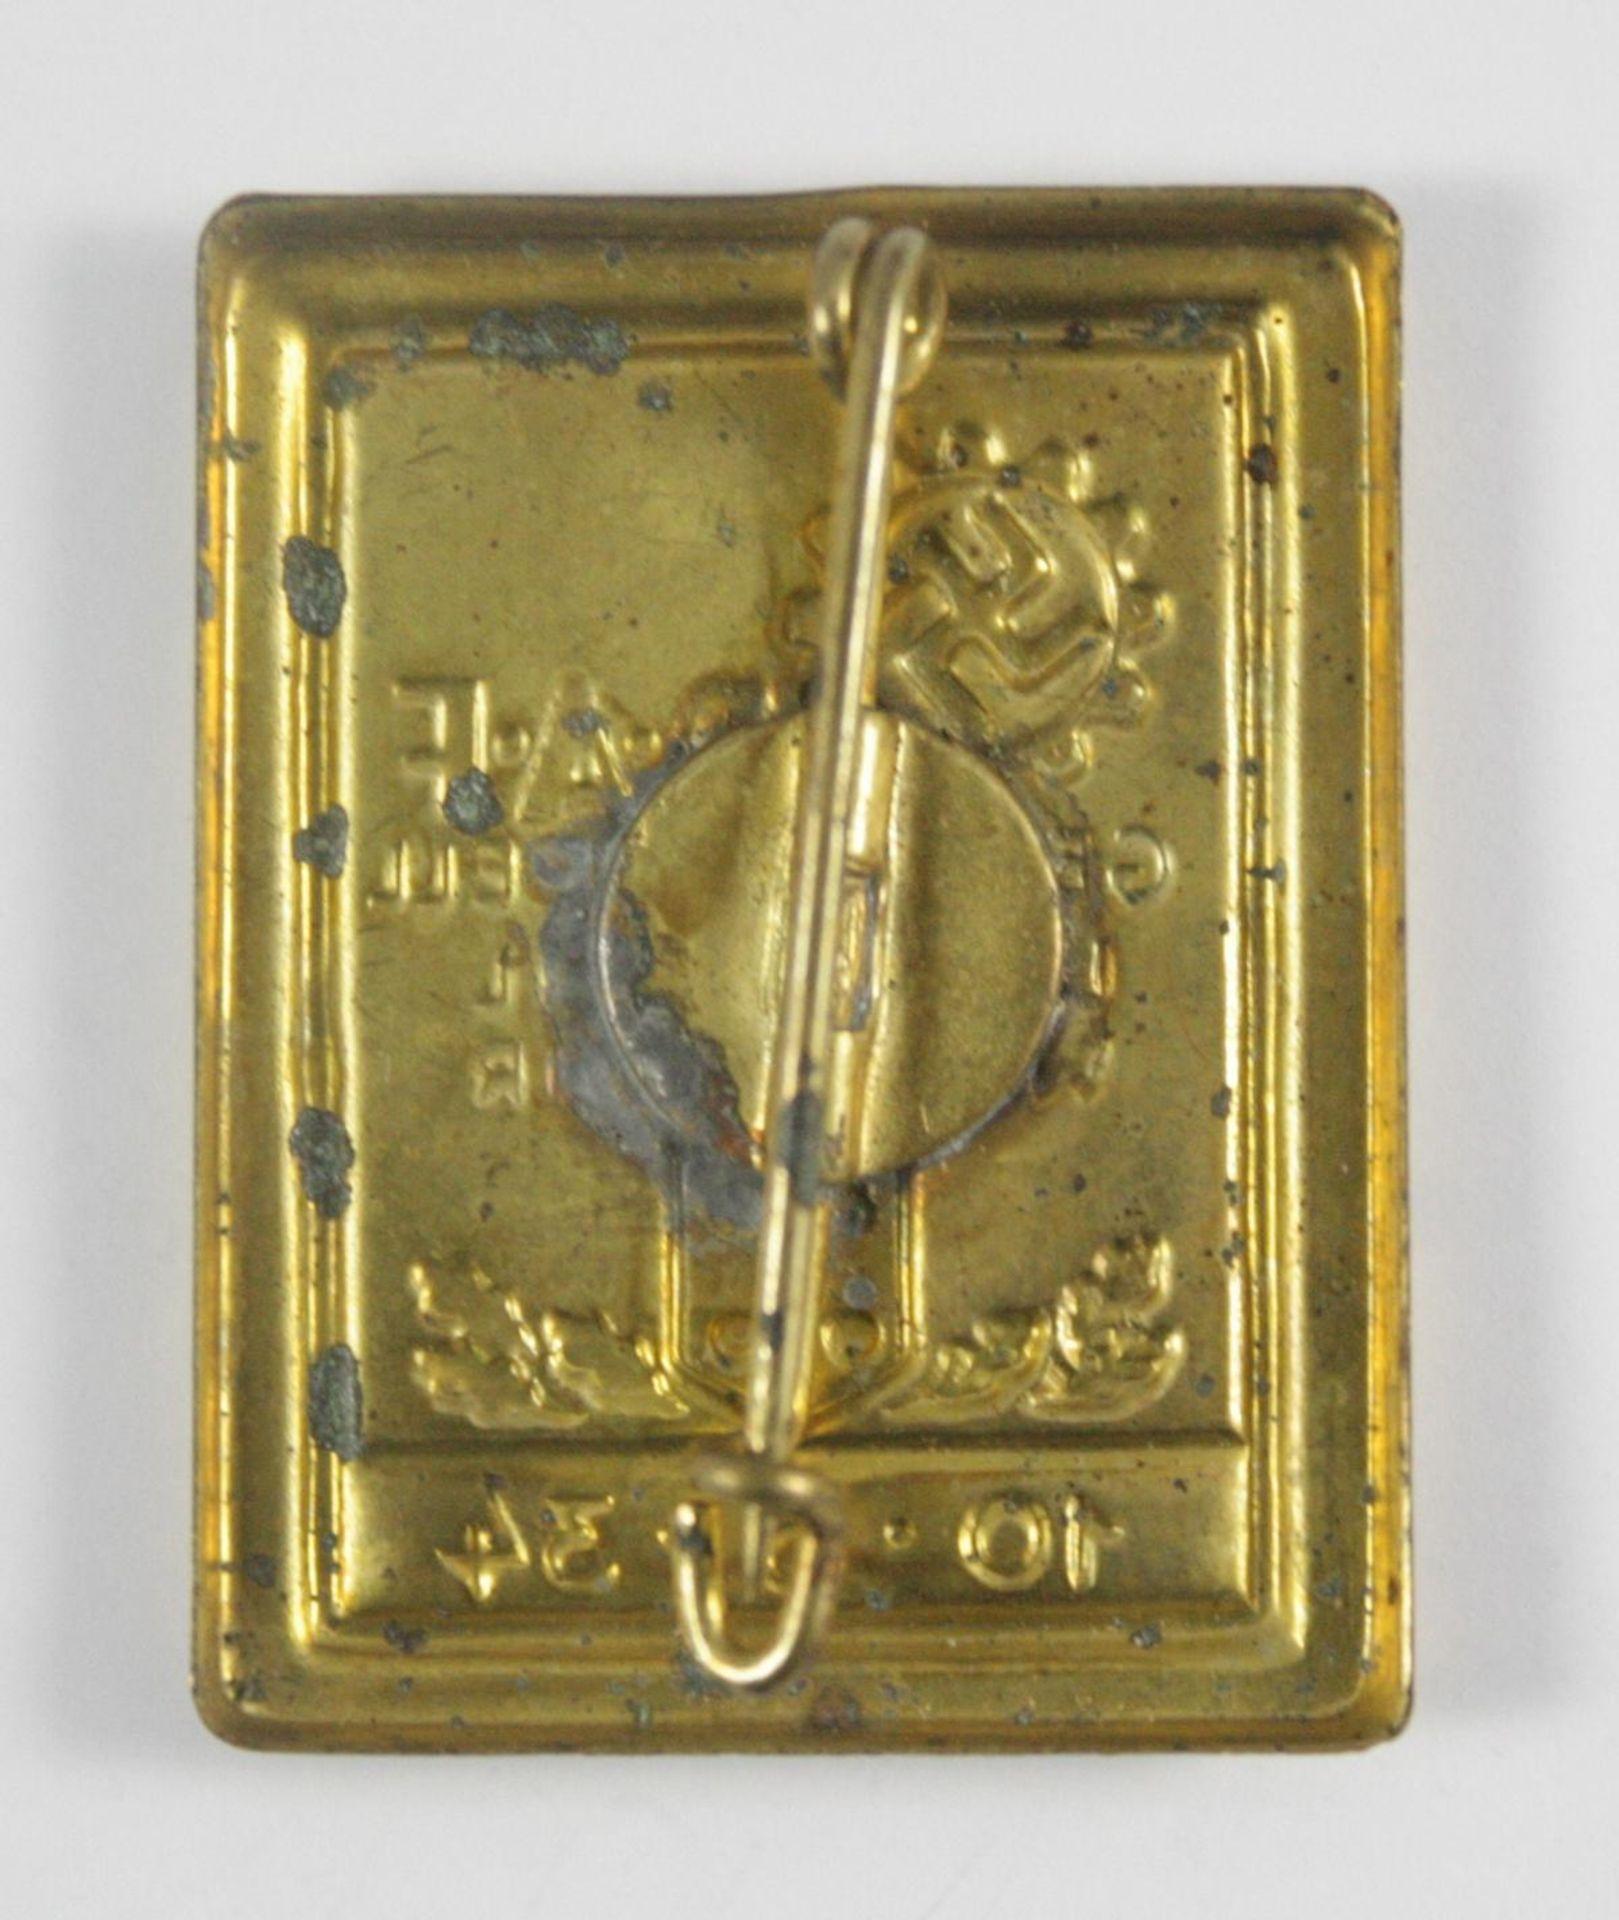 Abzeichen, DAF Generalappell Landstuhl-Waldmohr 1934 - Bild 2 aus 2